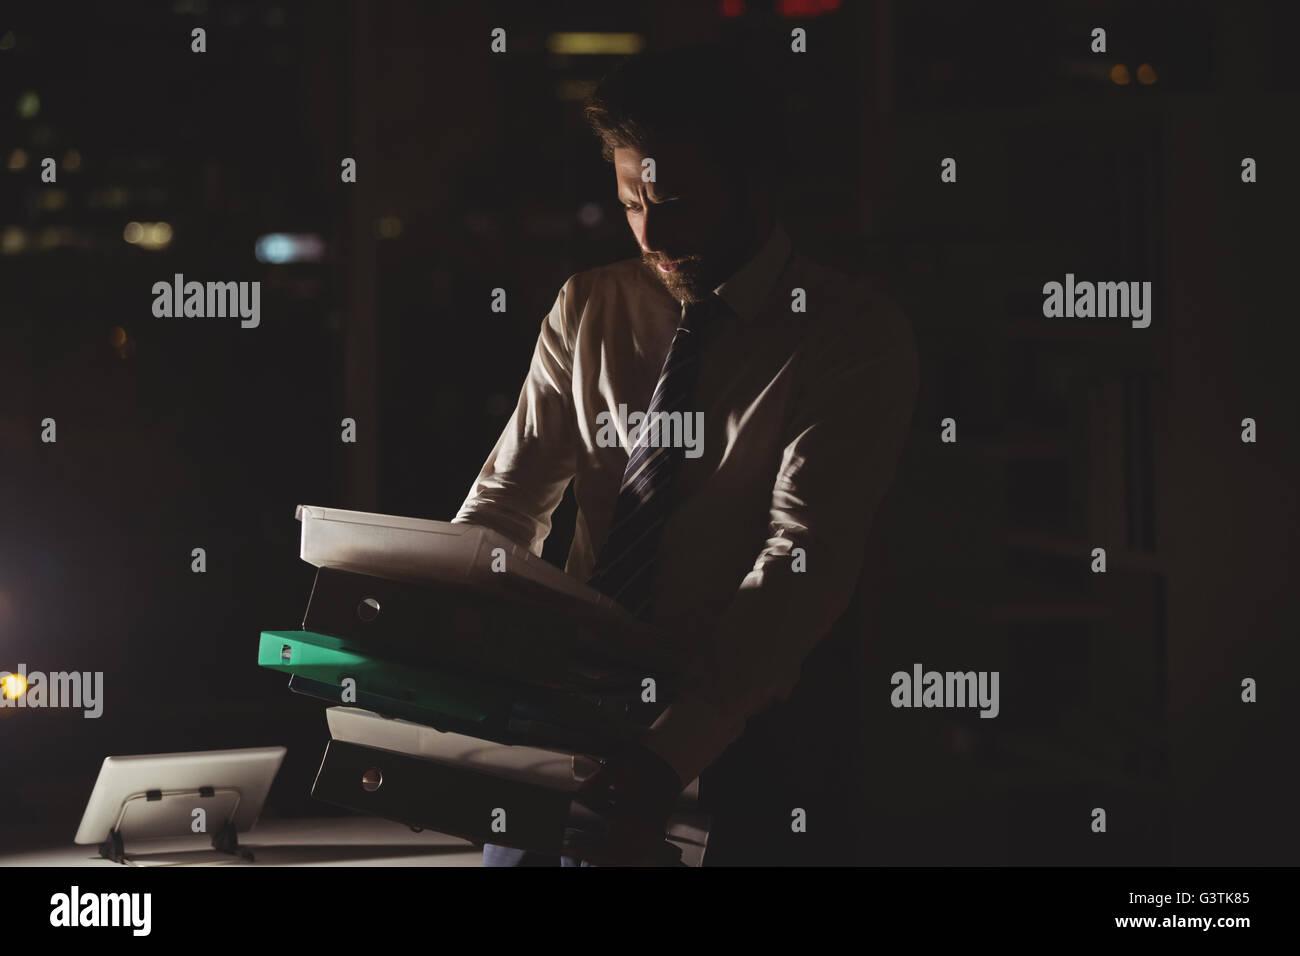 Businessman carrying folder dans la nuit Photo Stock